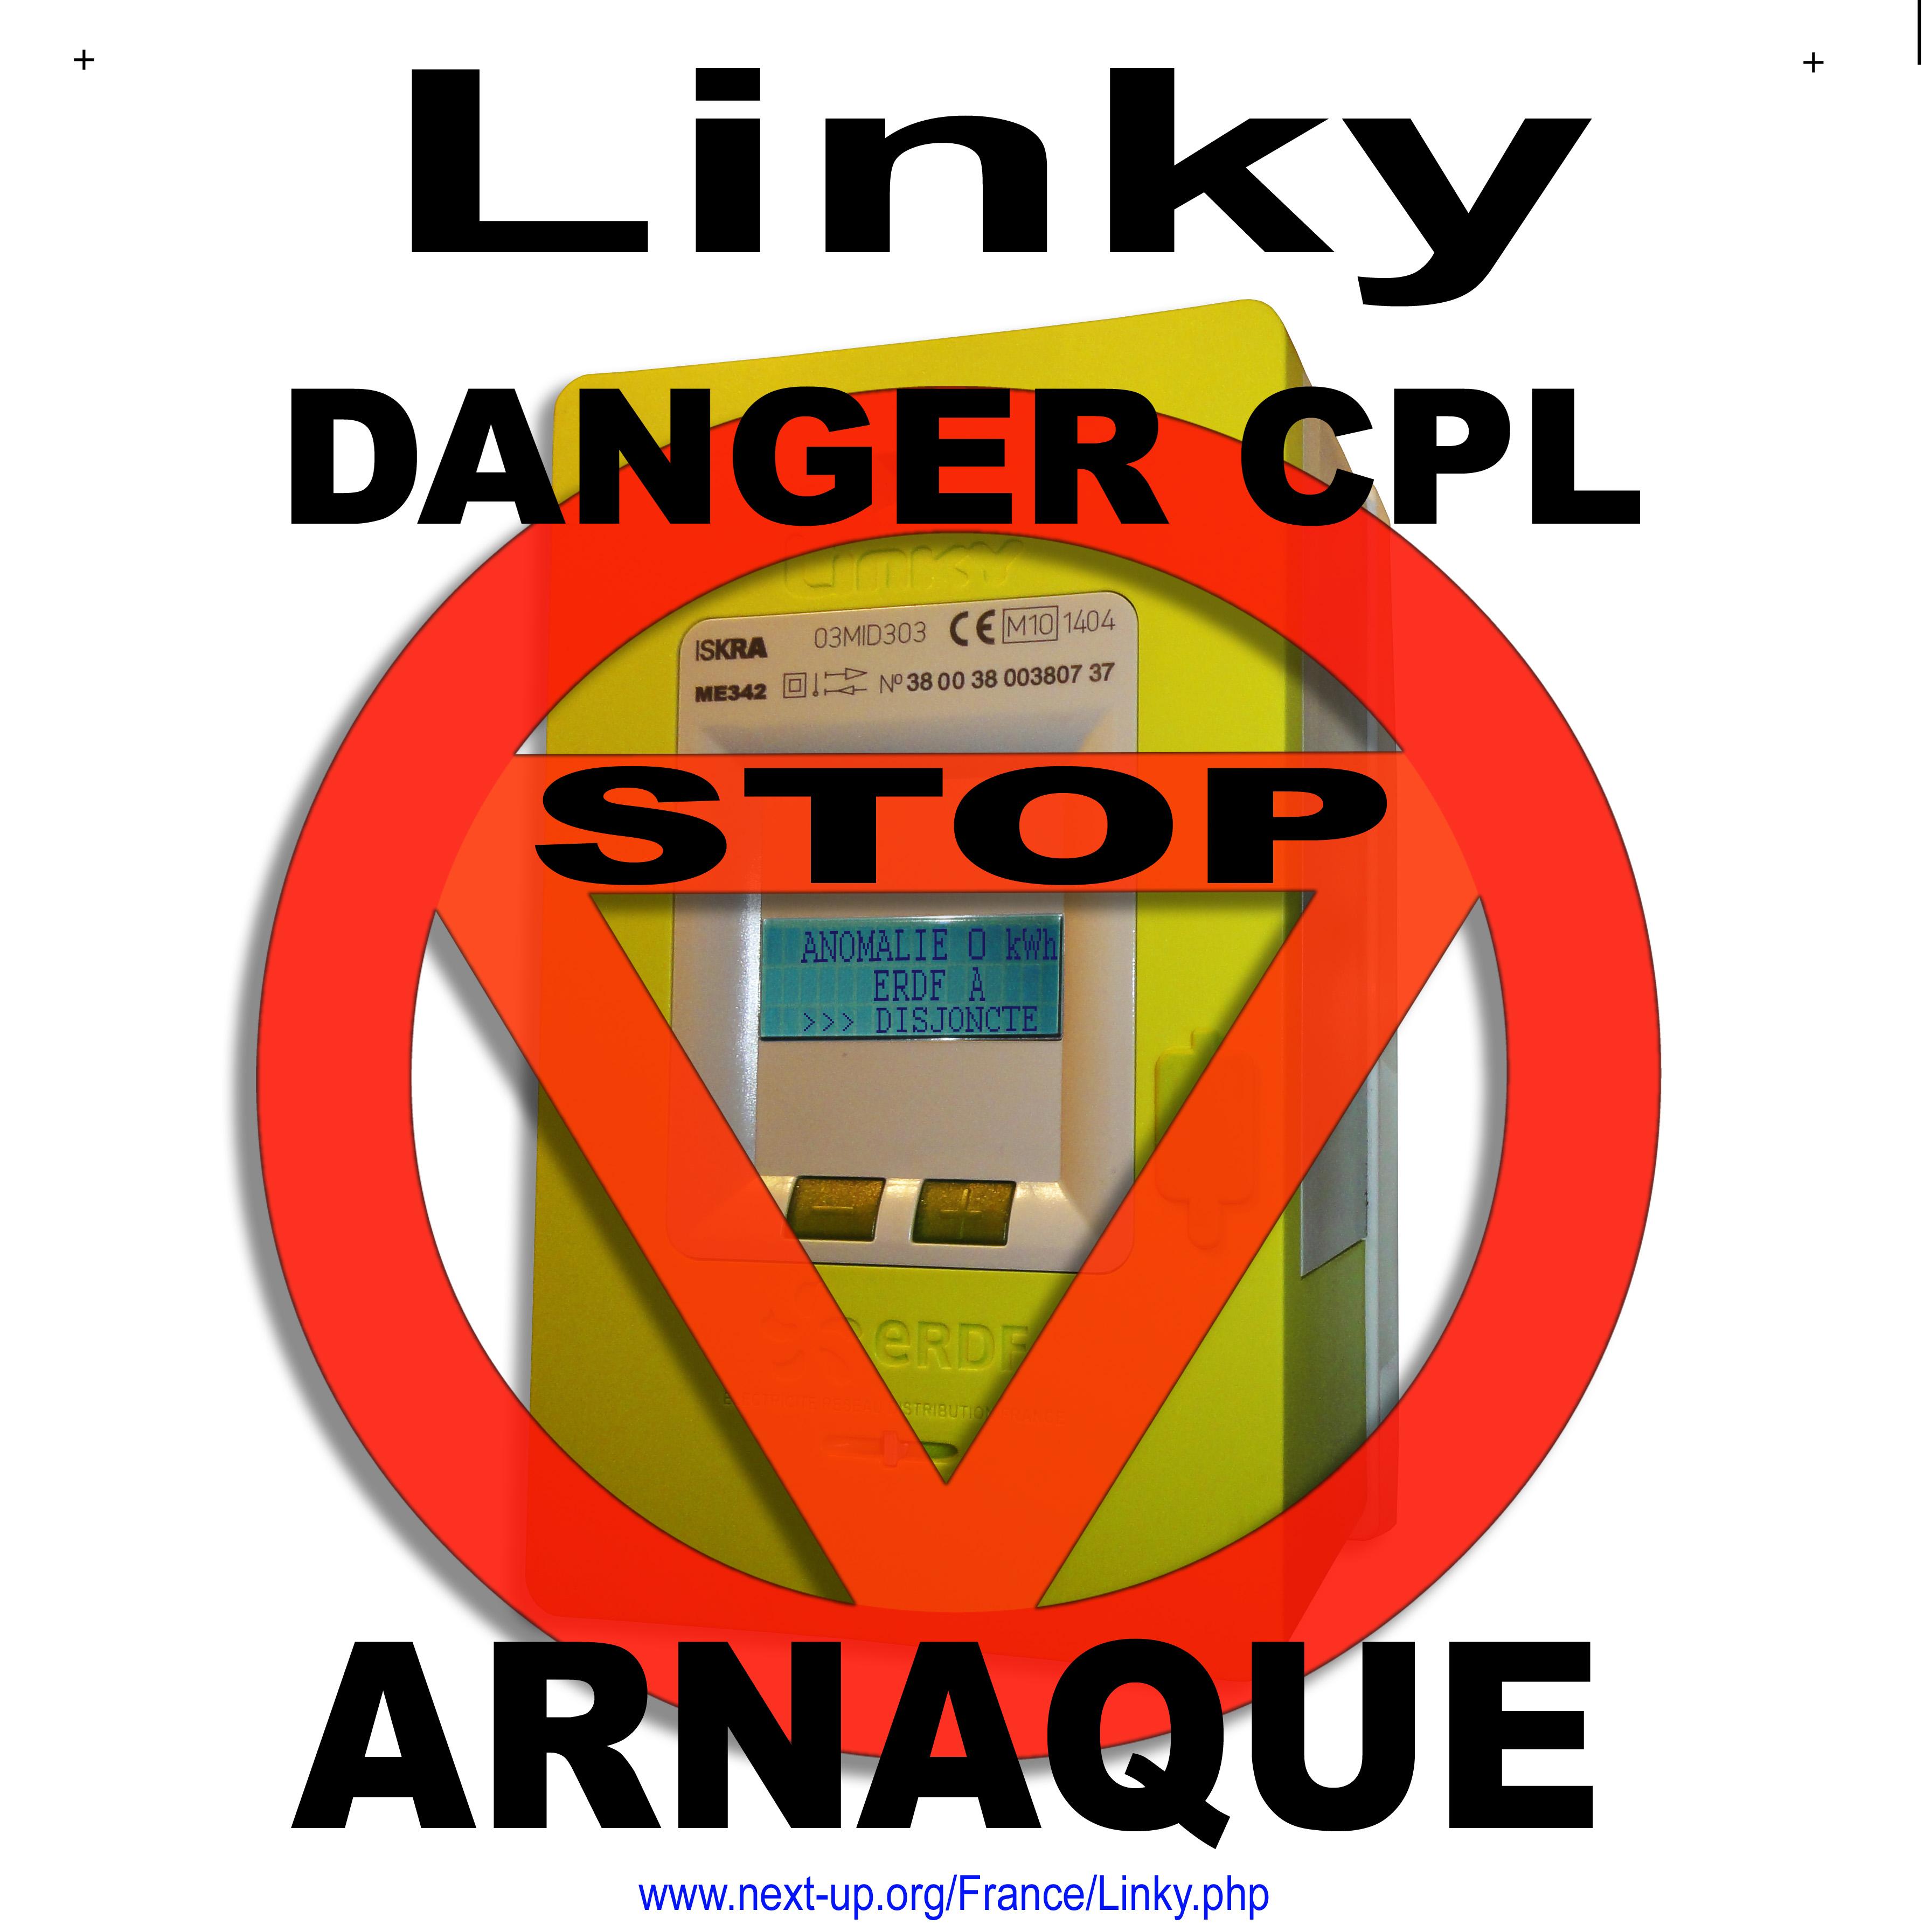 Préférence Autocollants Refus Linky ERDF Autocollants Posters Flyers Banderoles PP42